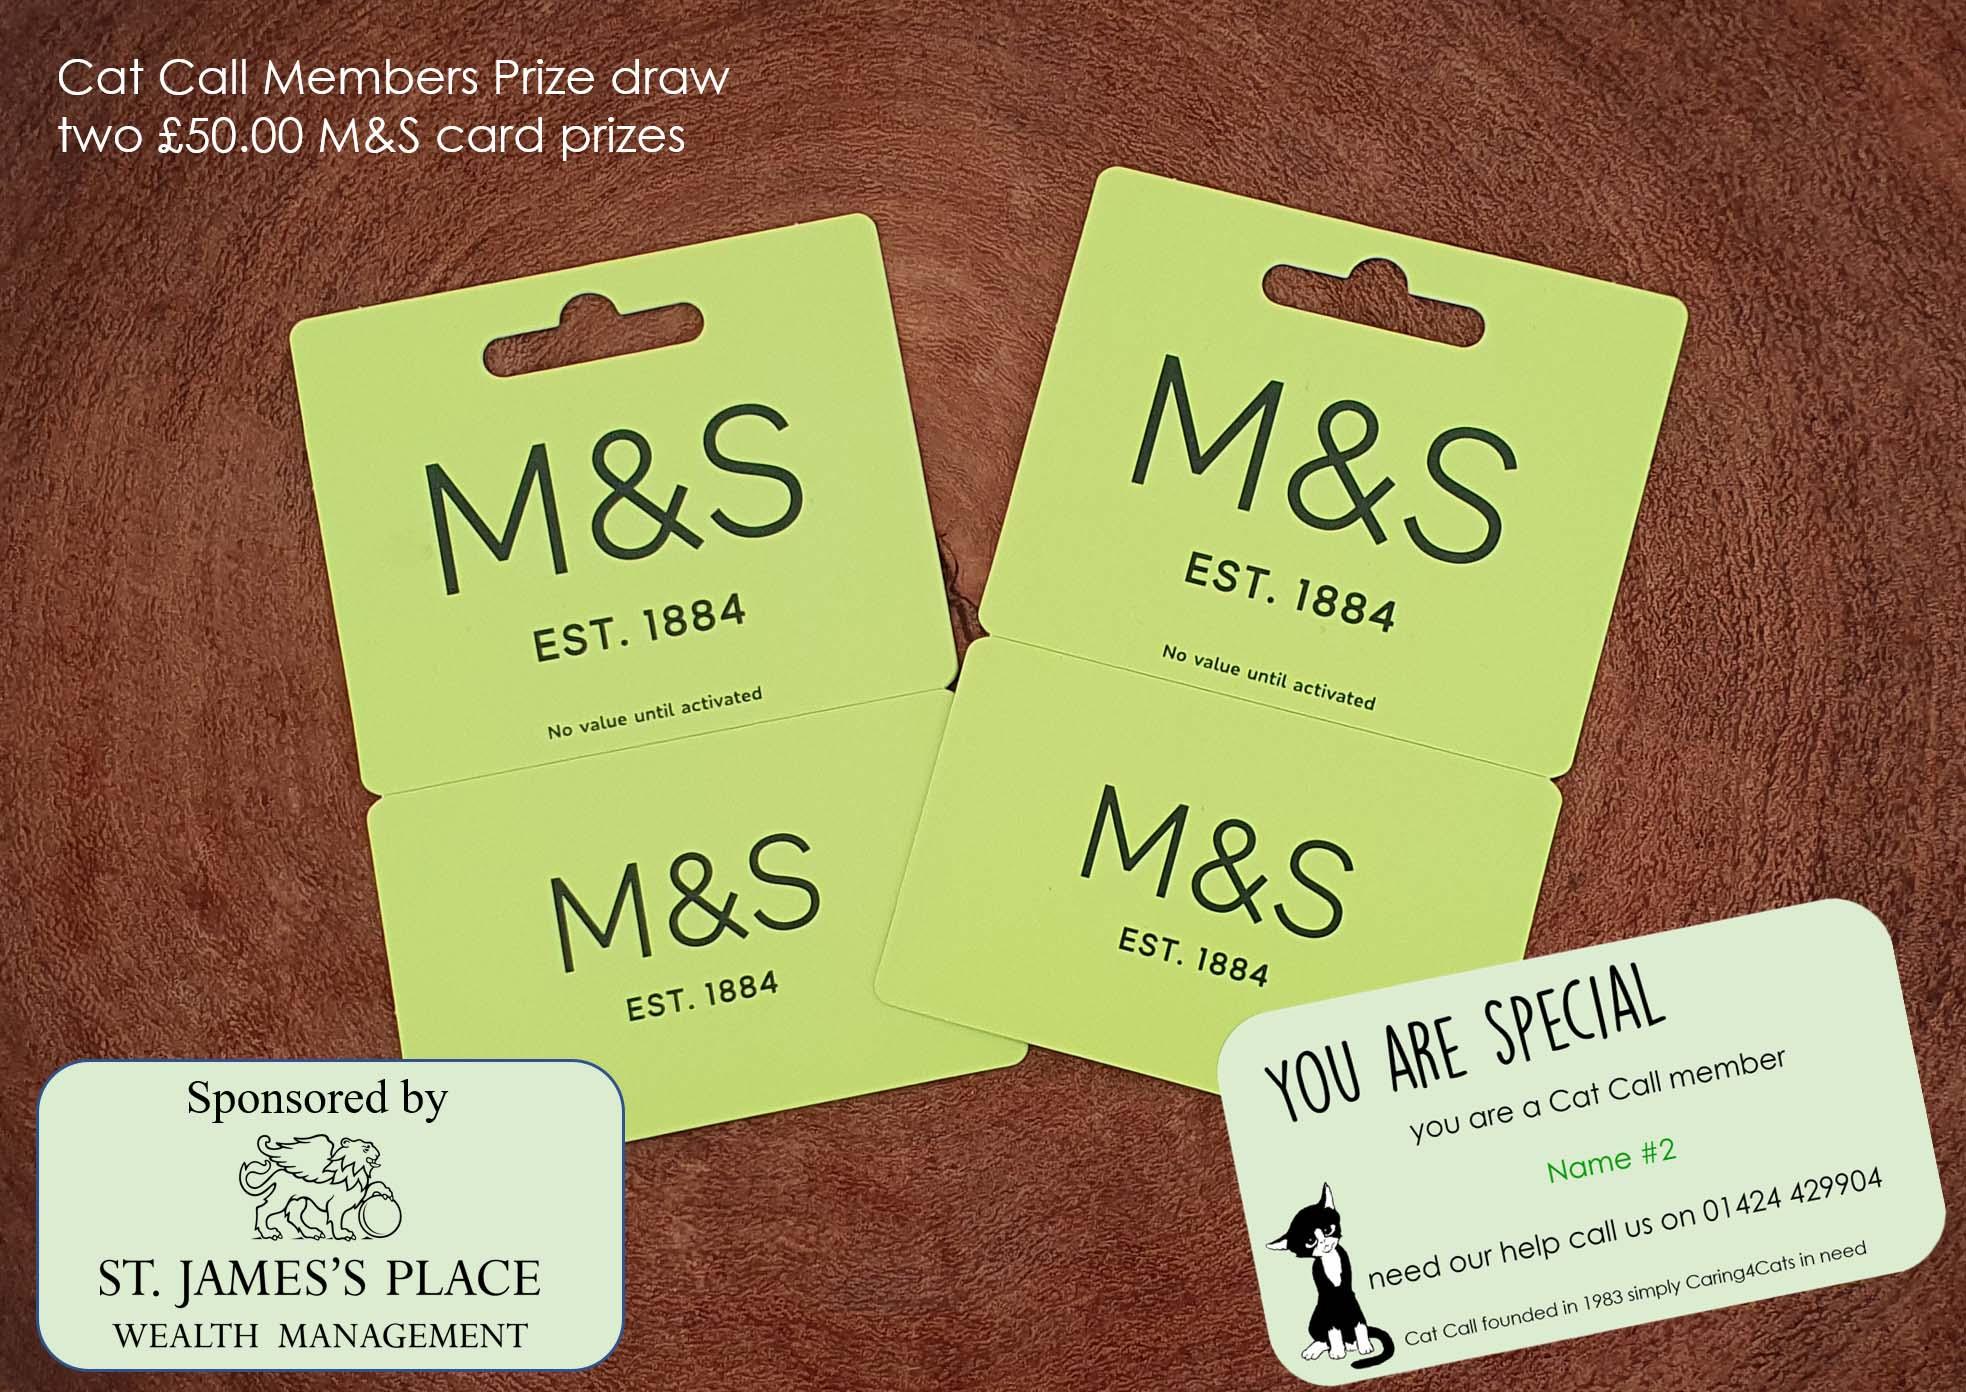 M&S £50 prize draw